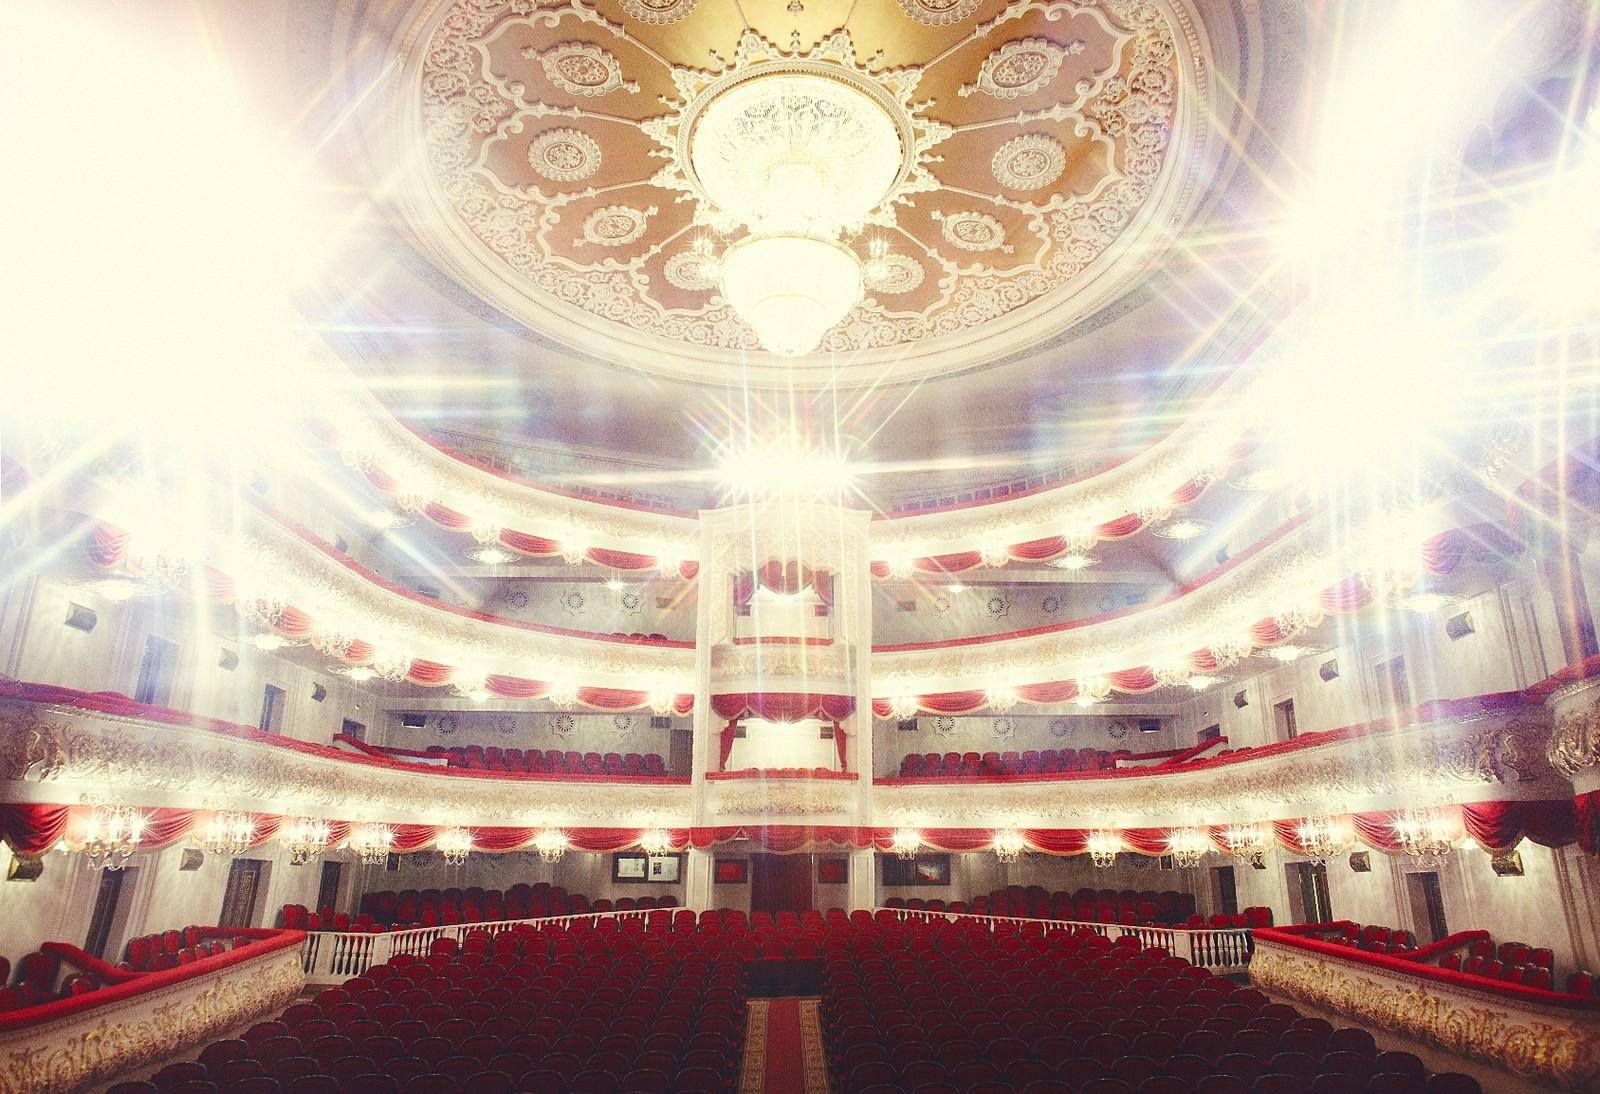 Купить билеты онлайн в оперный театр казань афиша концерта благотворительного